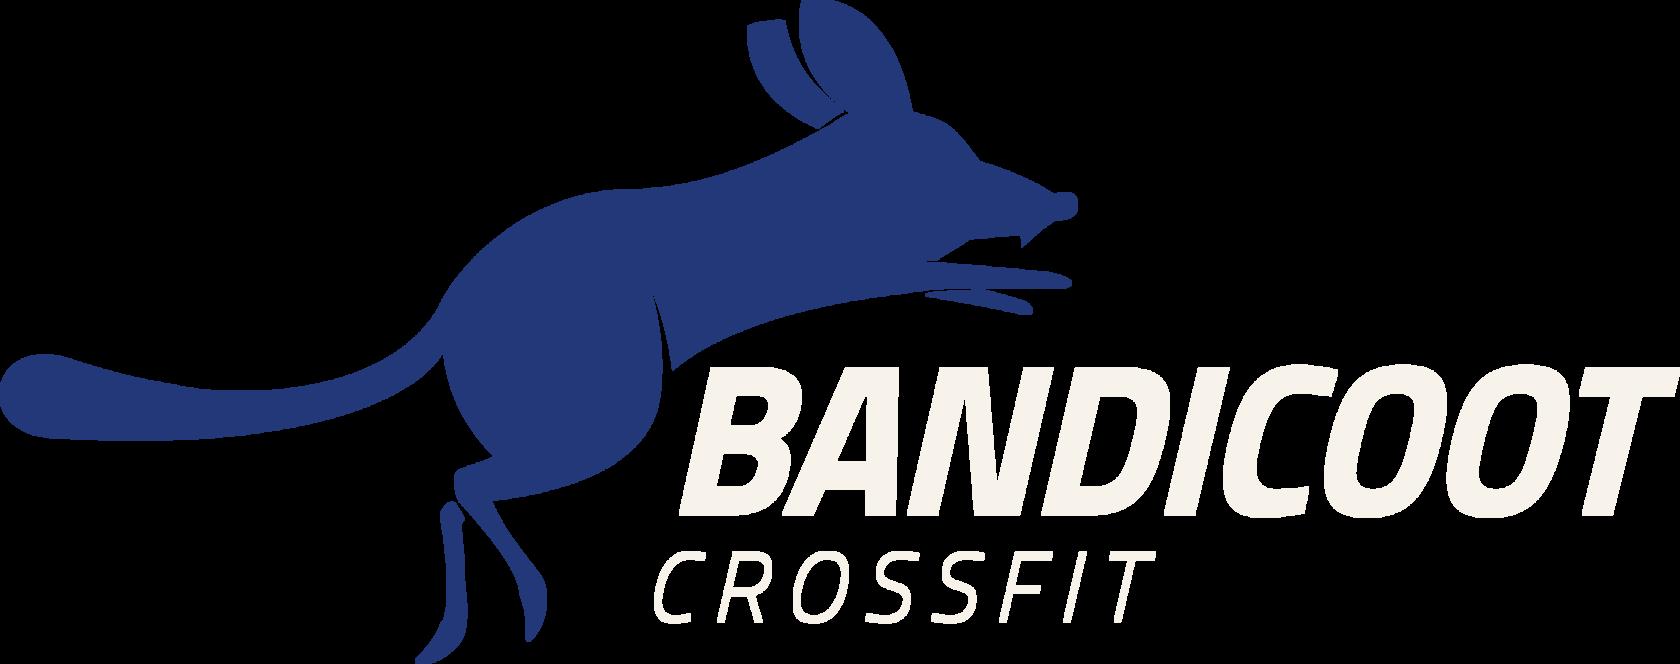 CrossFit Bandicoot